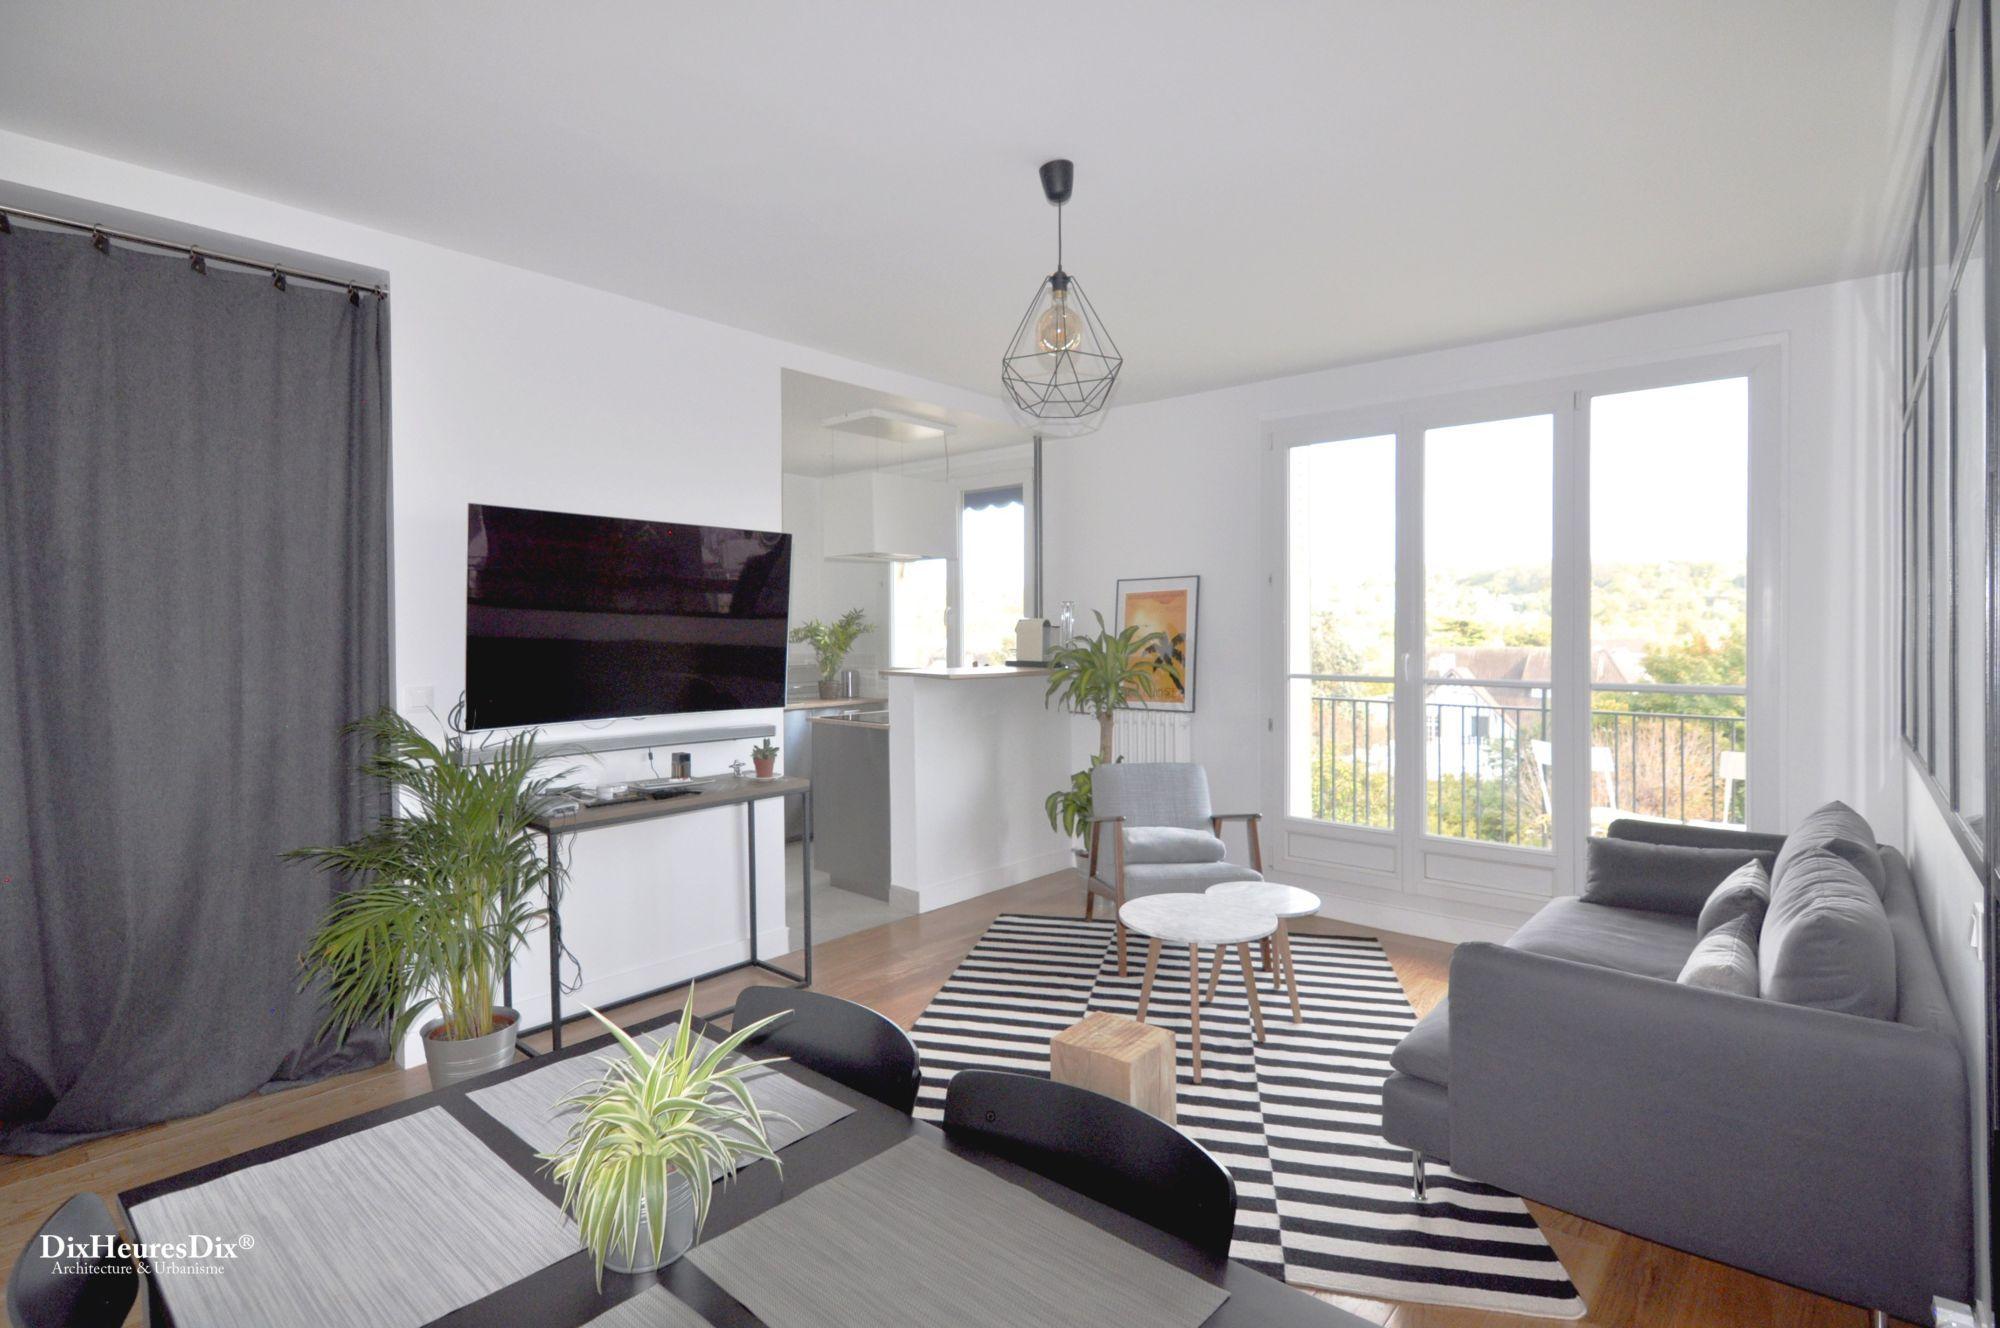 Vue sur l'espace cuisine depuis le soin salle à manger, espace optimisé et décoration contemporaine.